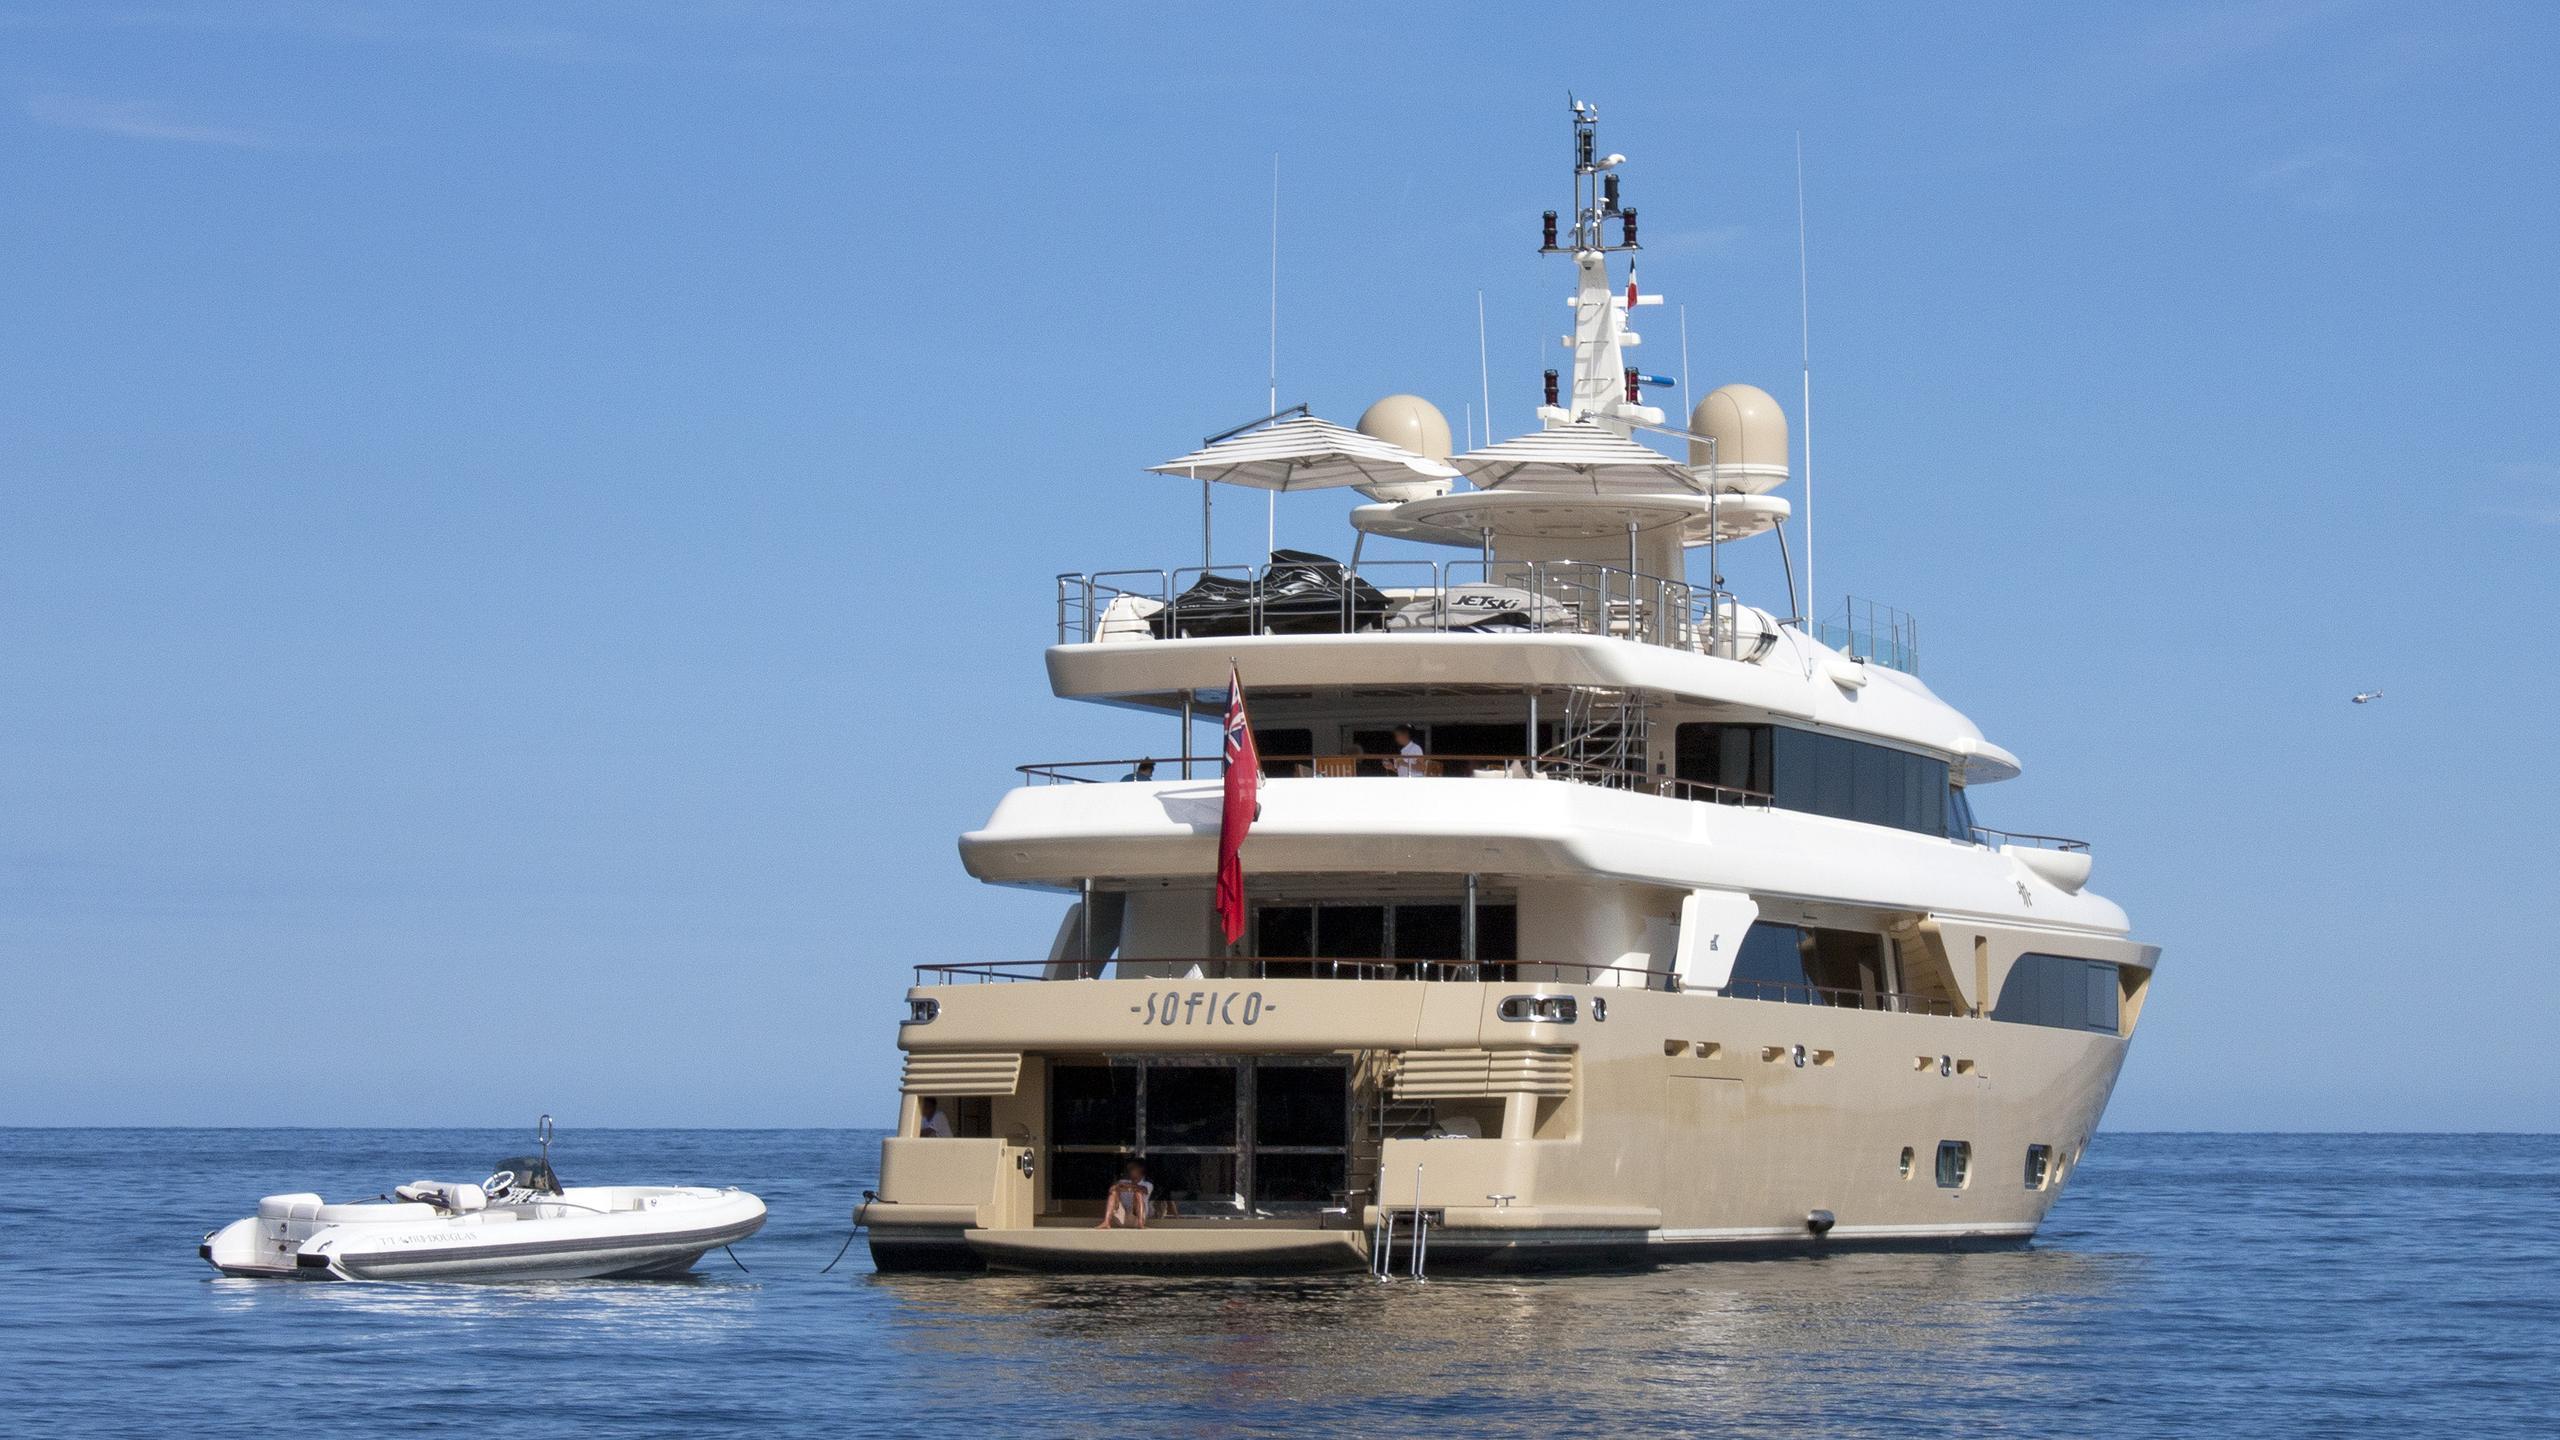 sofico-motor-yacht-crn-43m-2009-stern